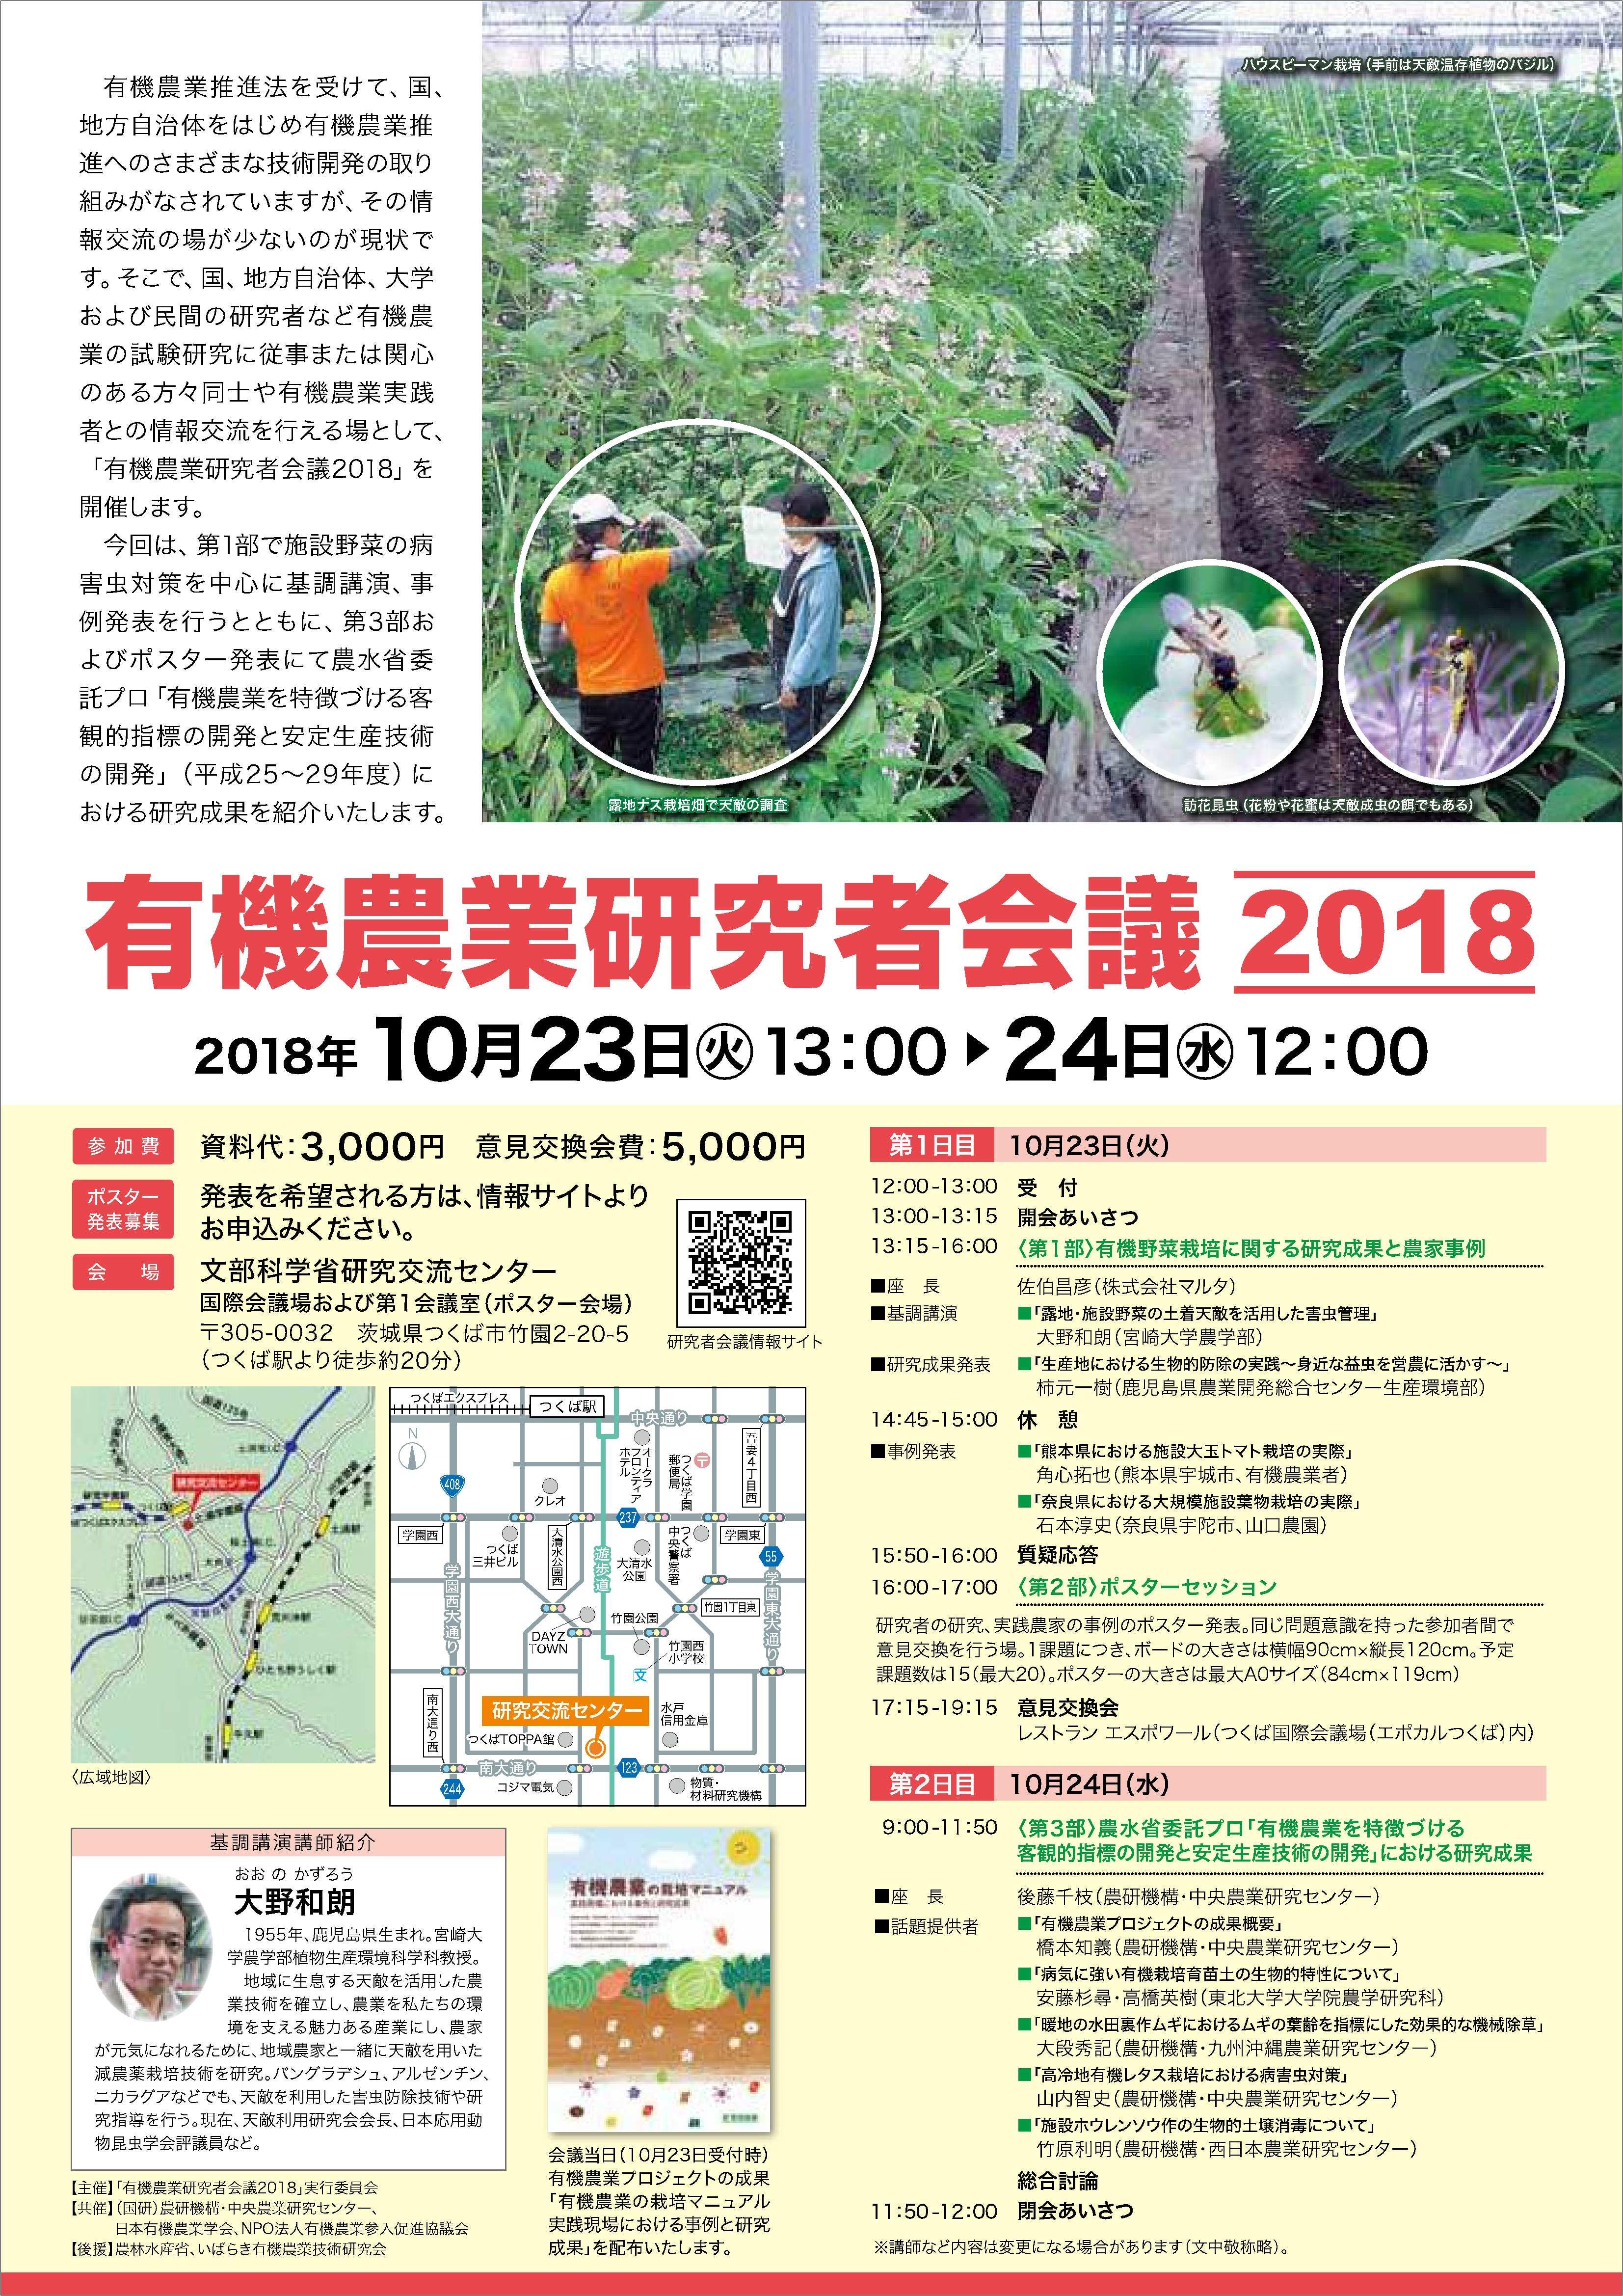 有機農業研究者会議2018